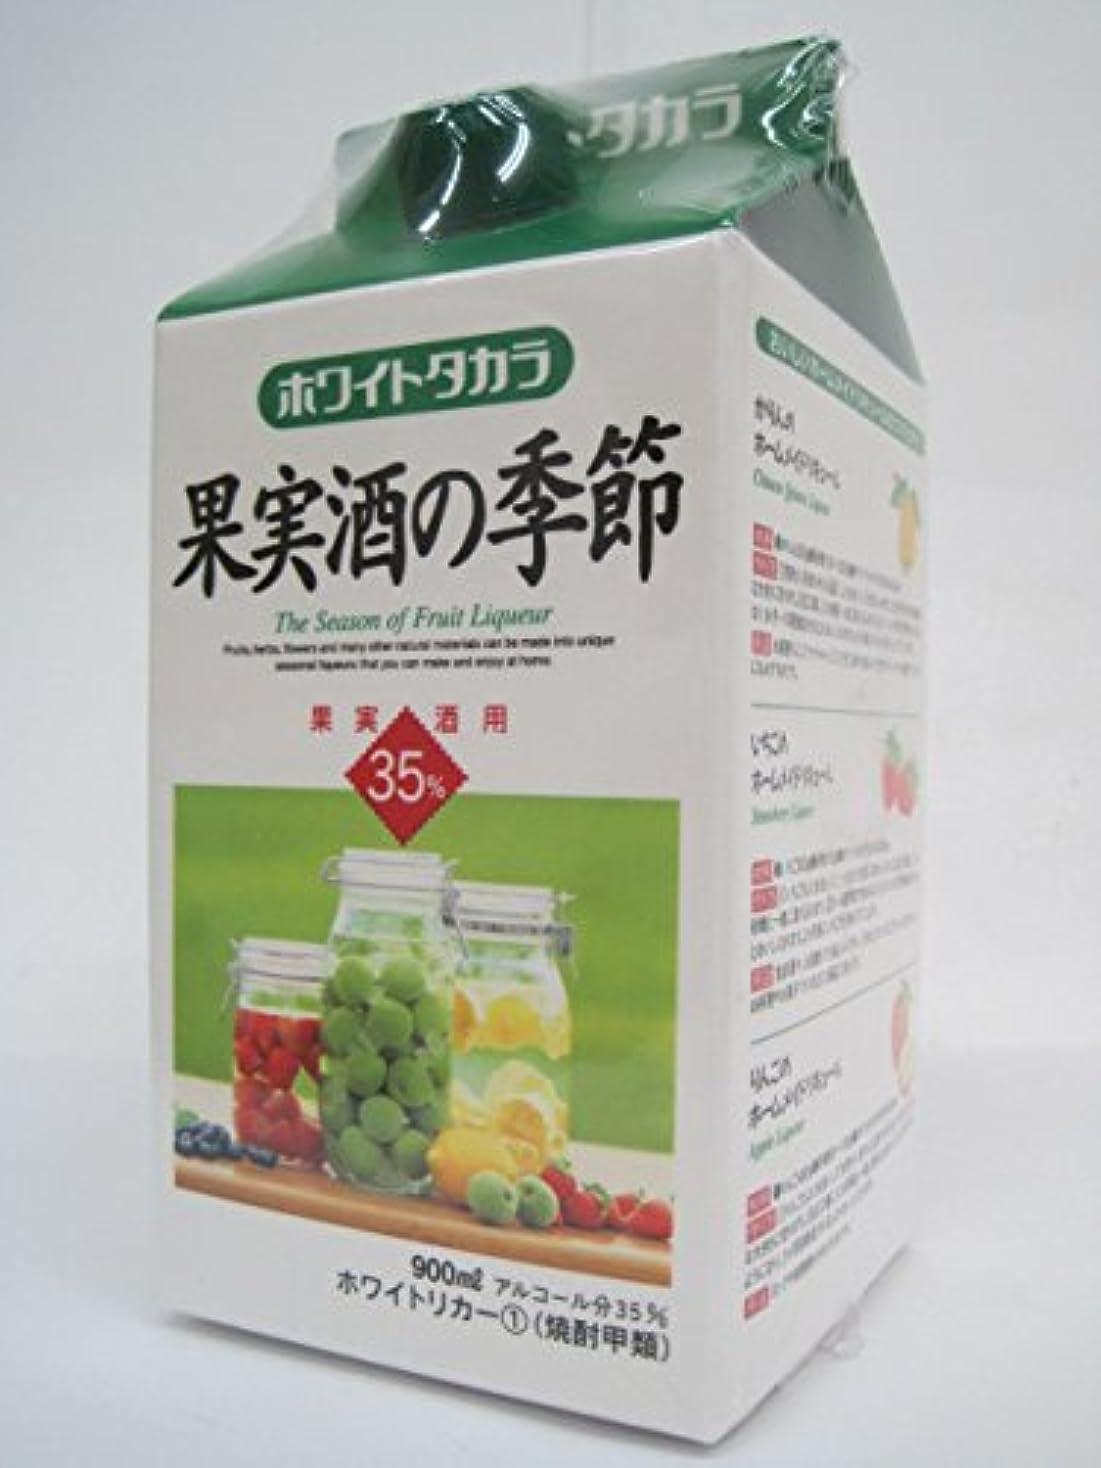 書店百年測る宝 果実酒の季節 ホワイトリカー パック 900ml